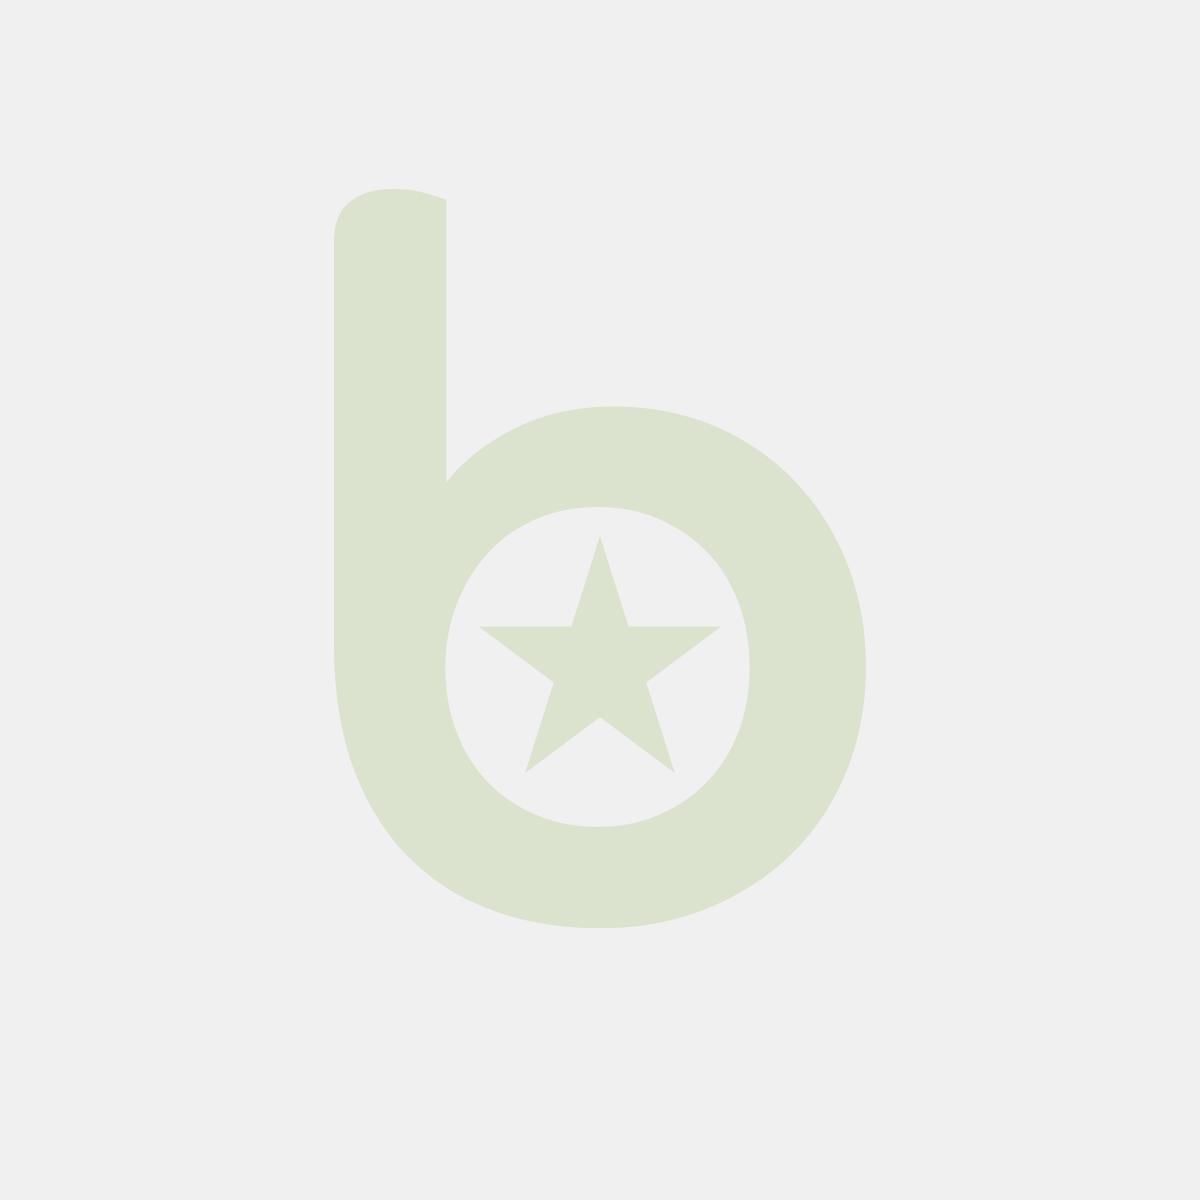 GRILLPOL środek do tłuszczu -piekarnik/rożno 1l